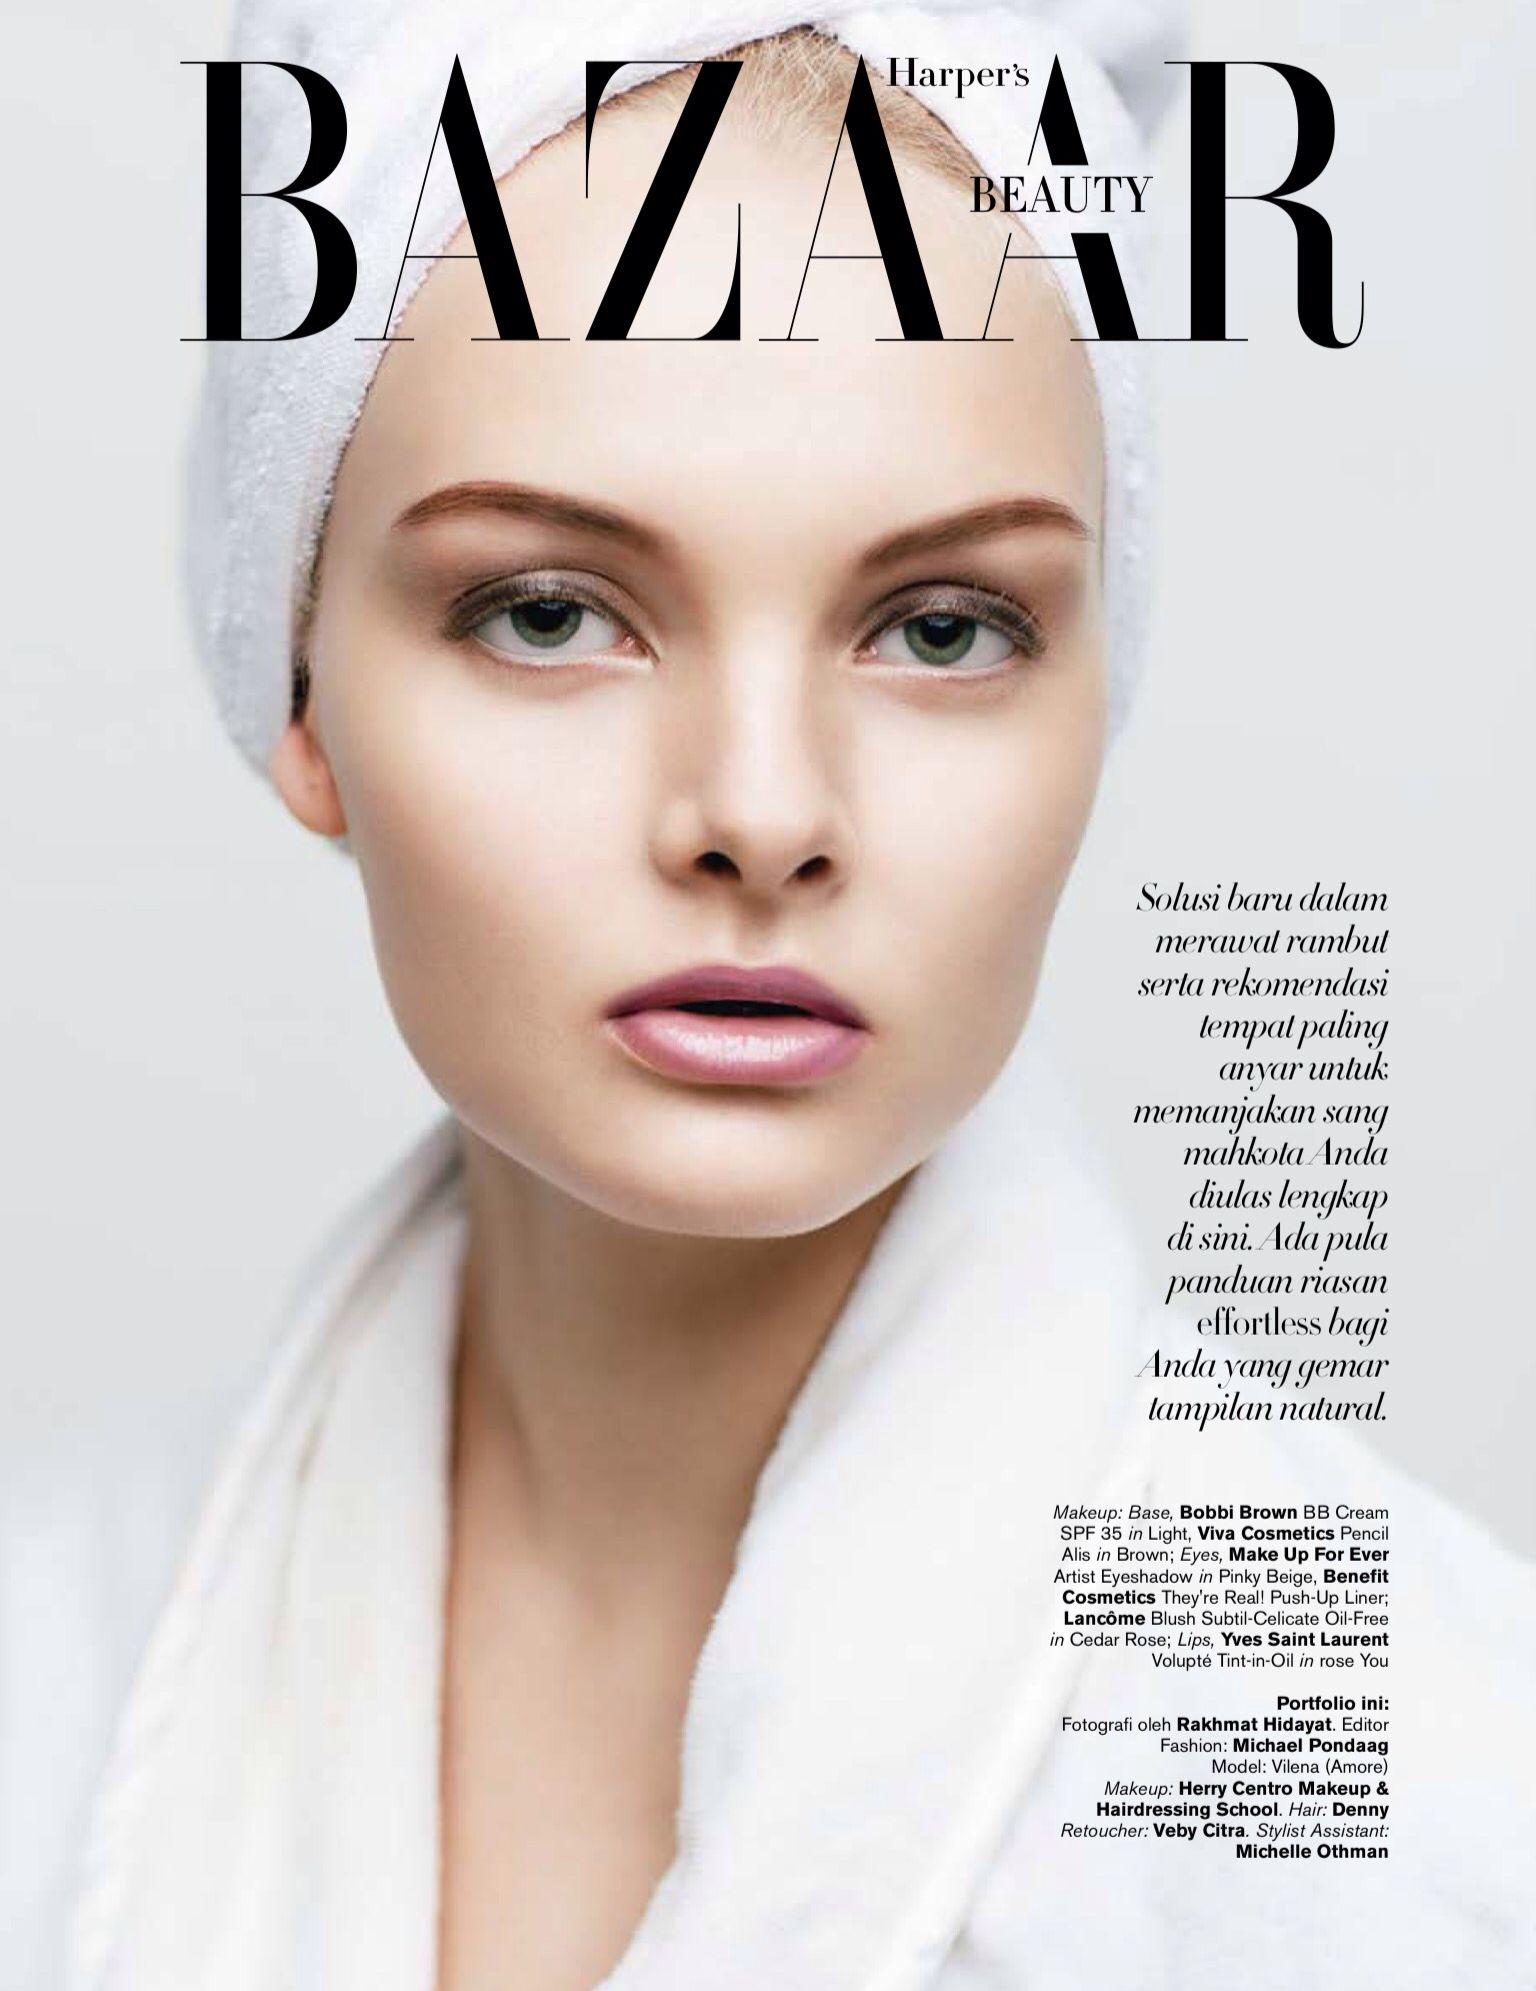 As Head Stylist Assistant Harper S Bazaar Beauty Opening Feb 2015 Harpers Bazaar Covers Harpers Bazaar Bazaar